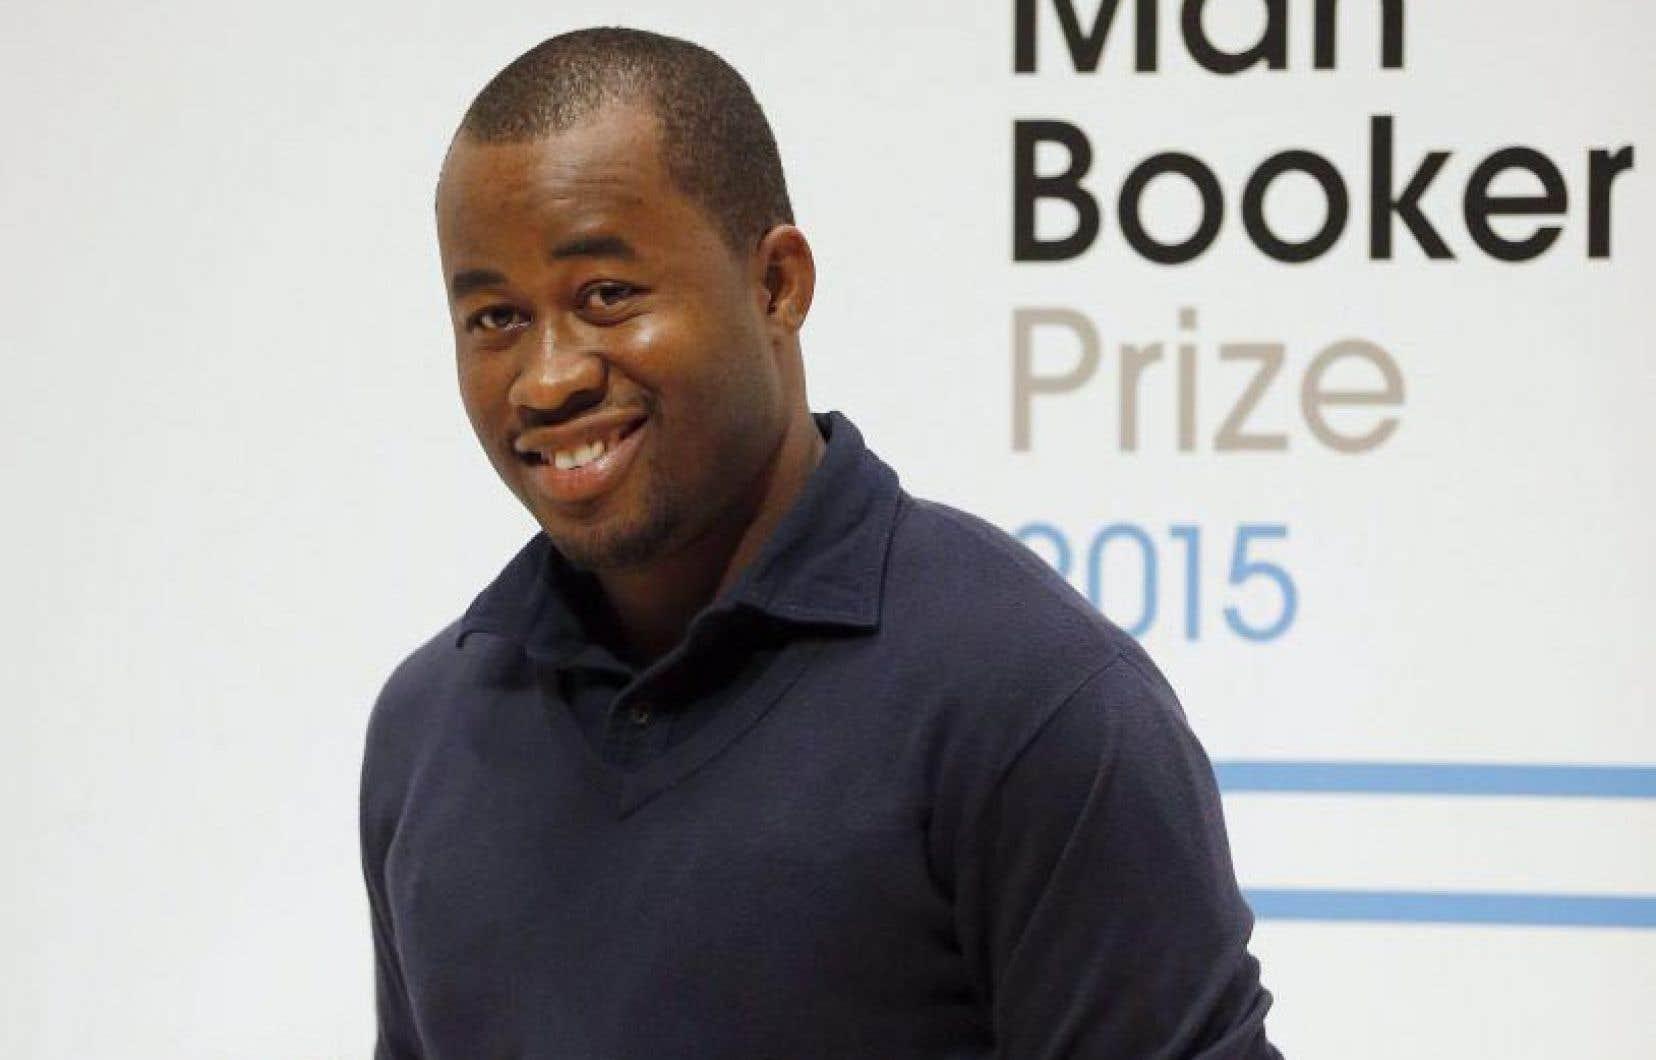 À la fois conteur et philosophe, Chigozie Obioma a mis dans son roman des siècles de sagesse ancienne. Son premier roman, «Les pêcheurs», avait été finaliste du Booker Prize 2016 et lui a très vite valu une reconnaissance mondiale.